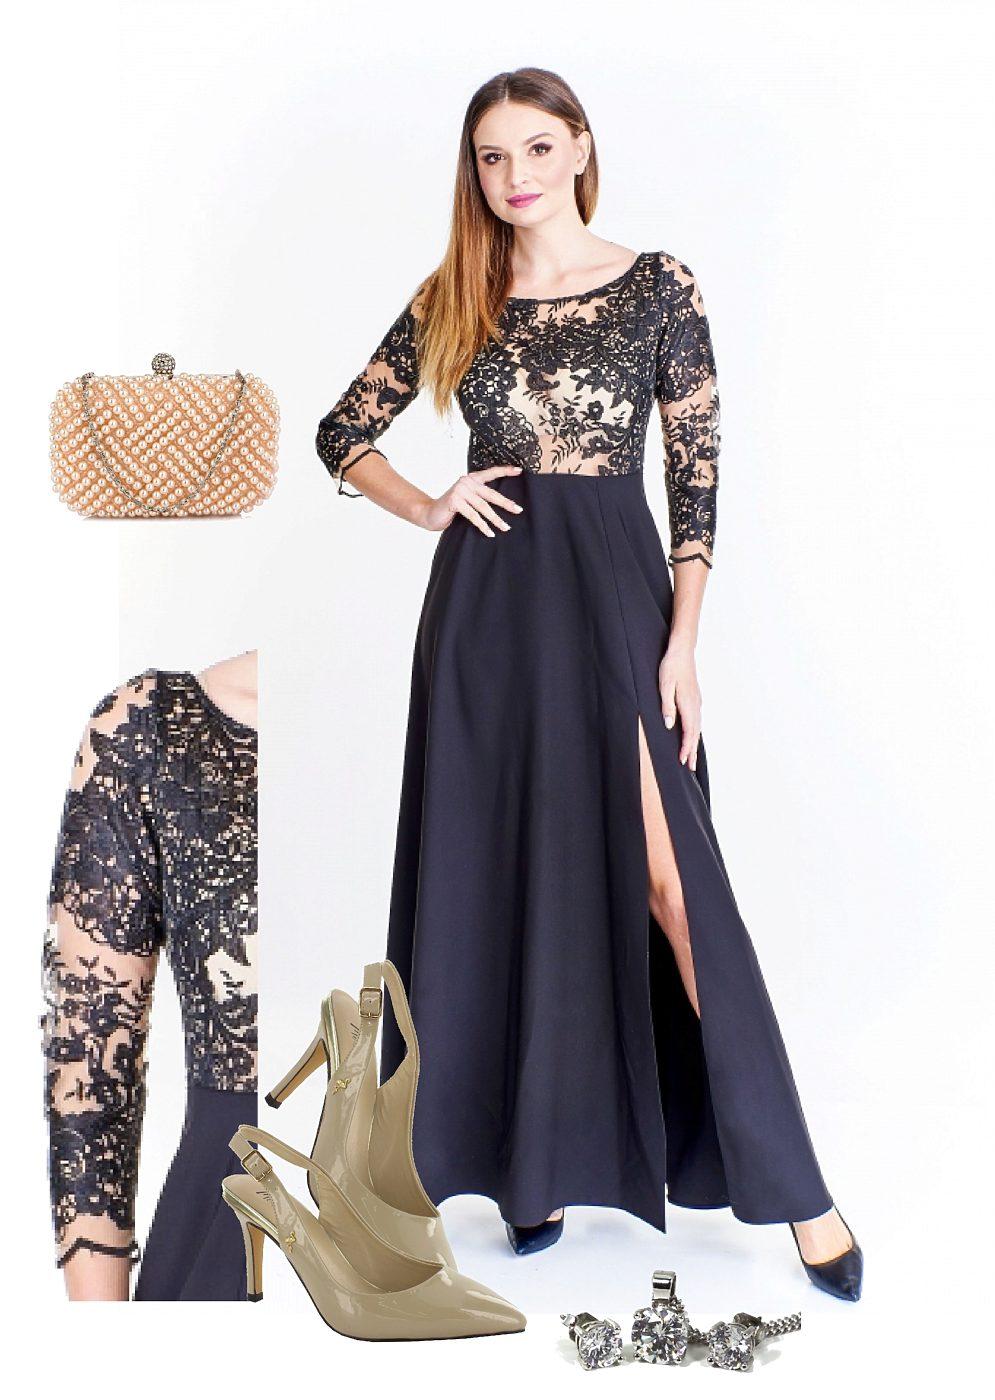 ... černé šaty s průhledným živůtkem Elit Look Adanna. Novinka. -4%  Společenské ... f36d5bca50